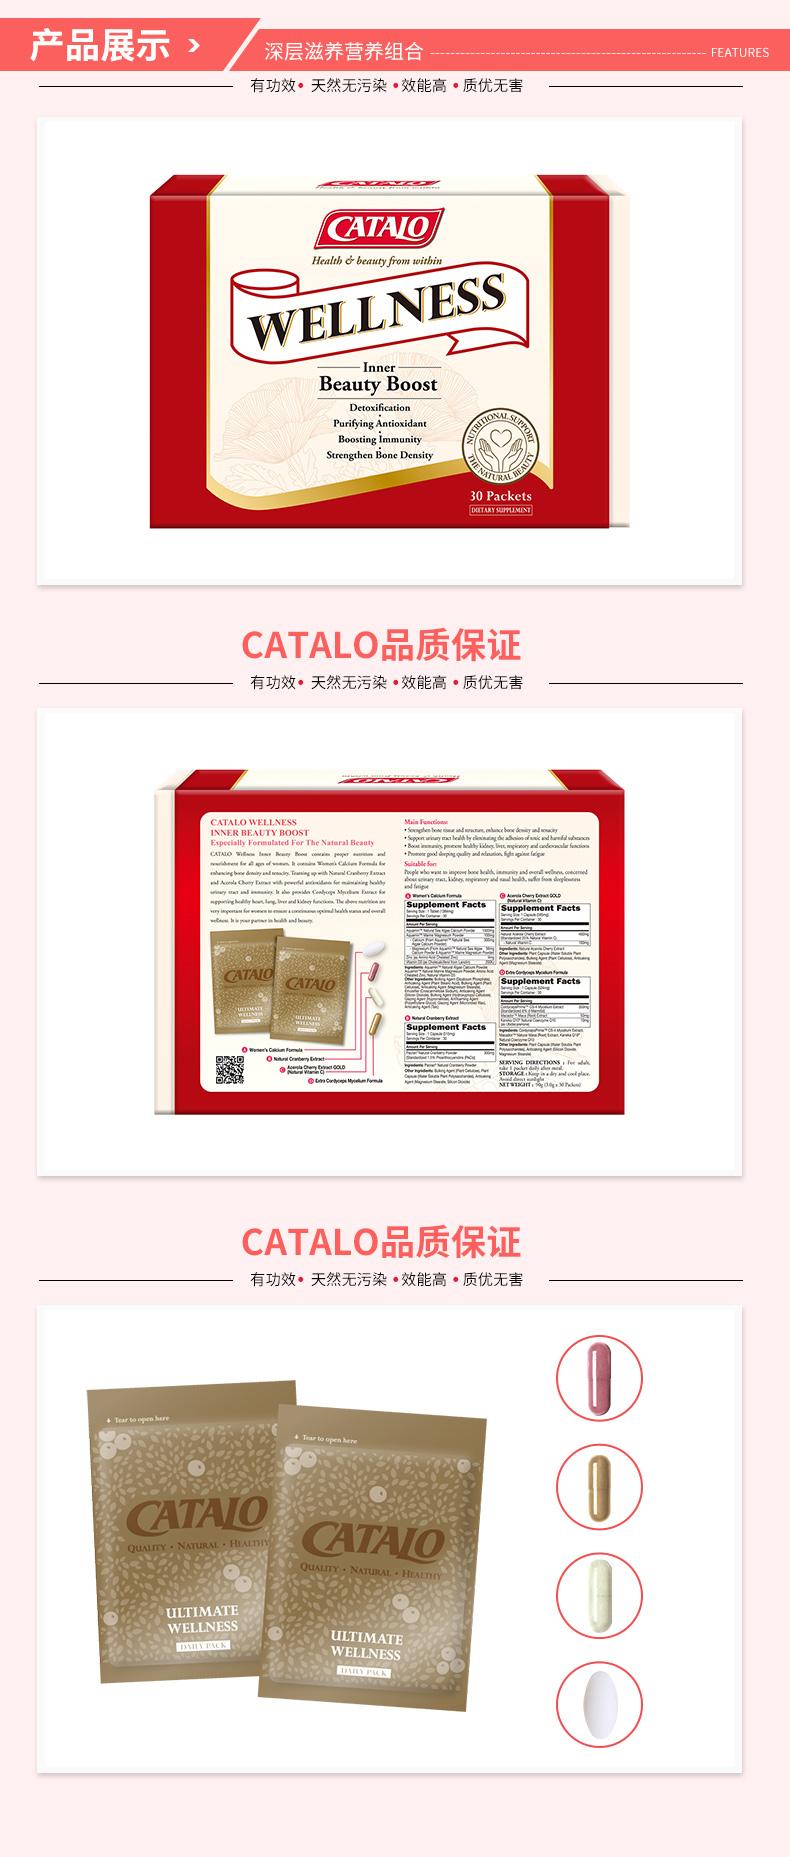 袁咏仪同款系列CATALO家得路美国进口深层滋养营养组合美容包成人 产品系列 第7张